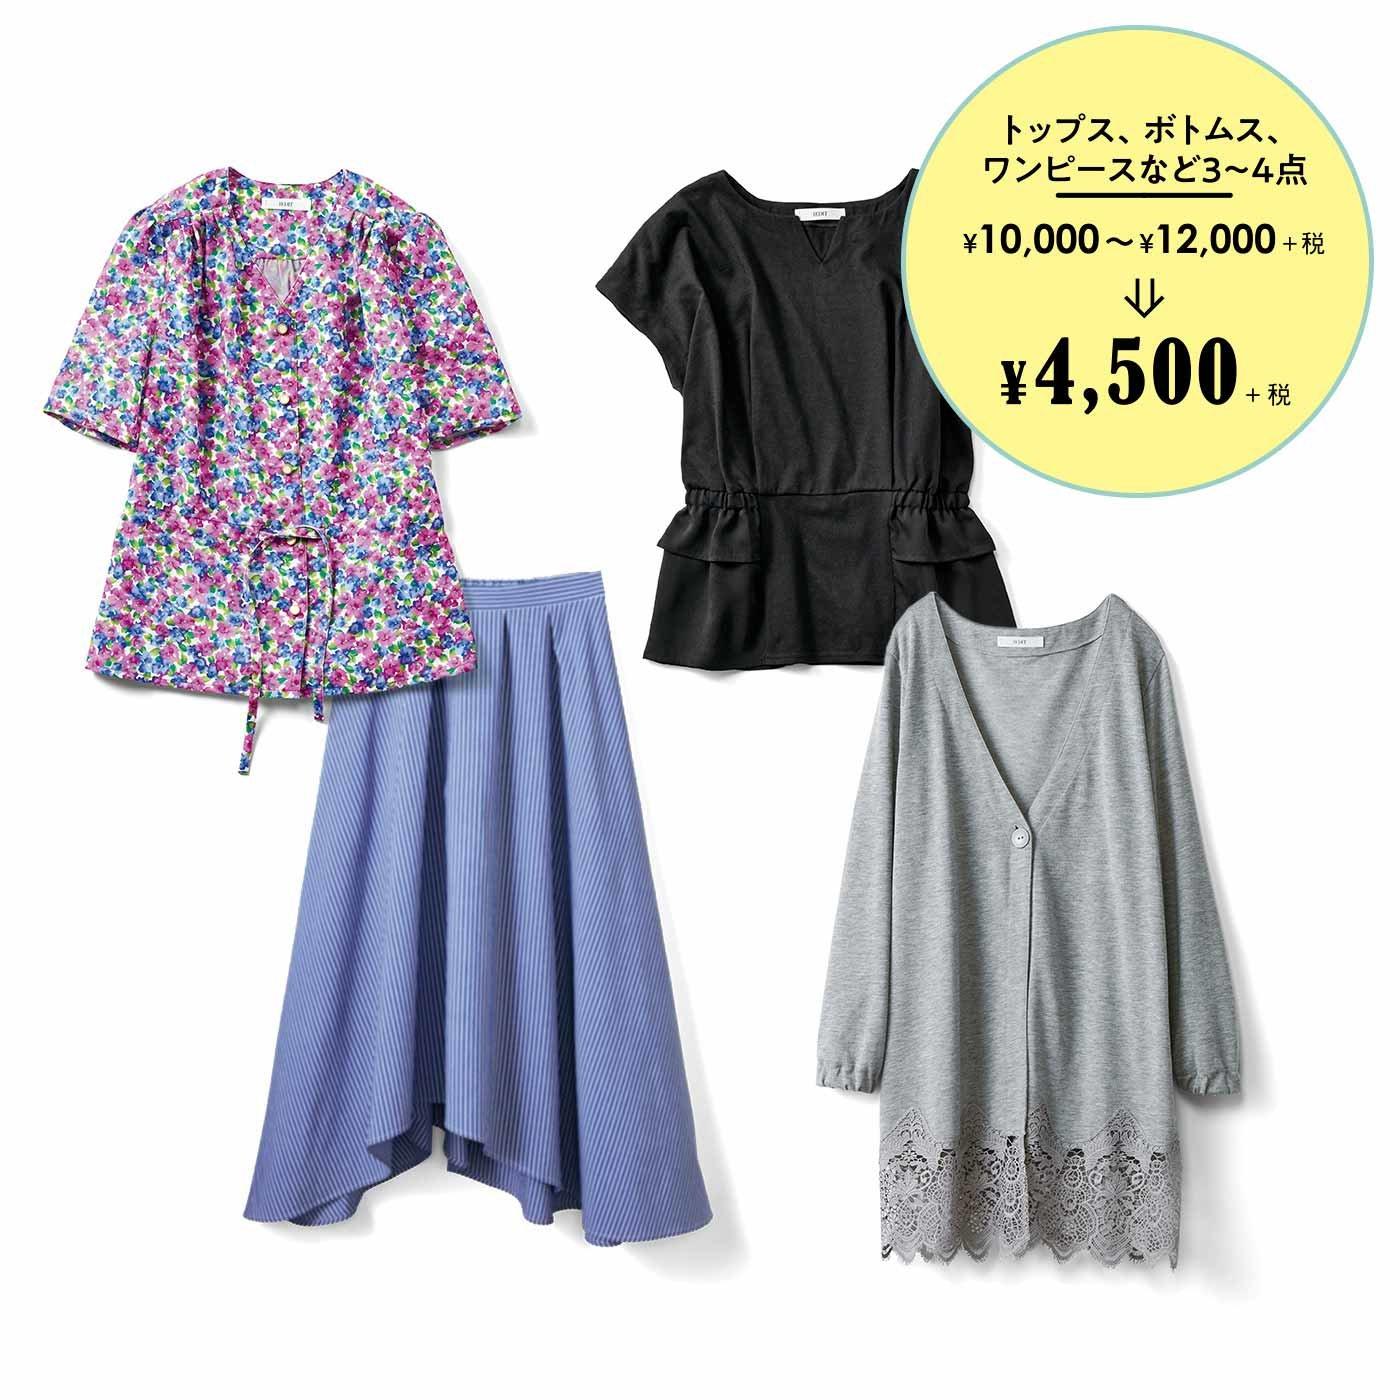 IEDIT & Live in comfort スモールさんファッションセット